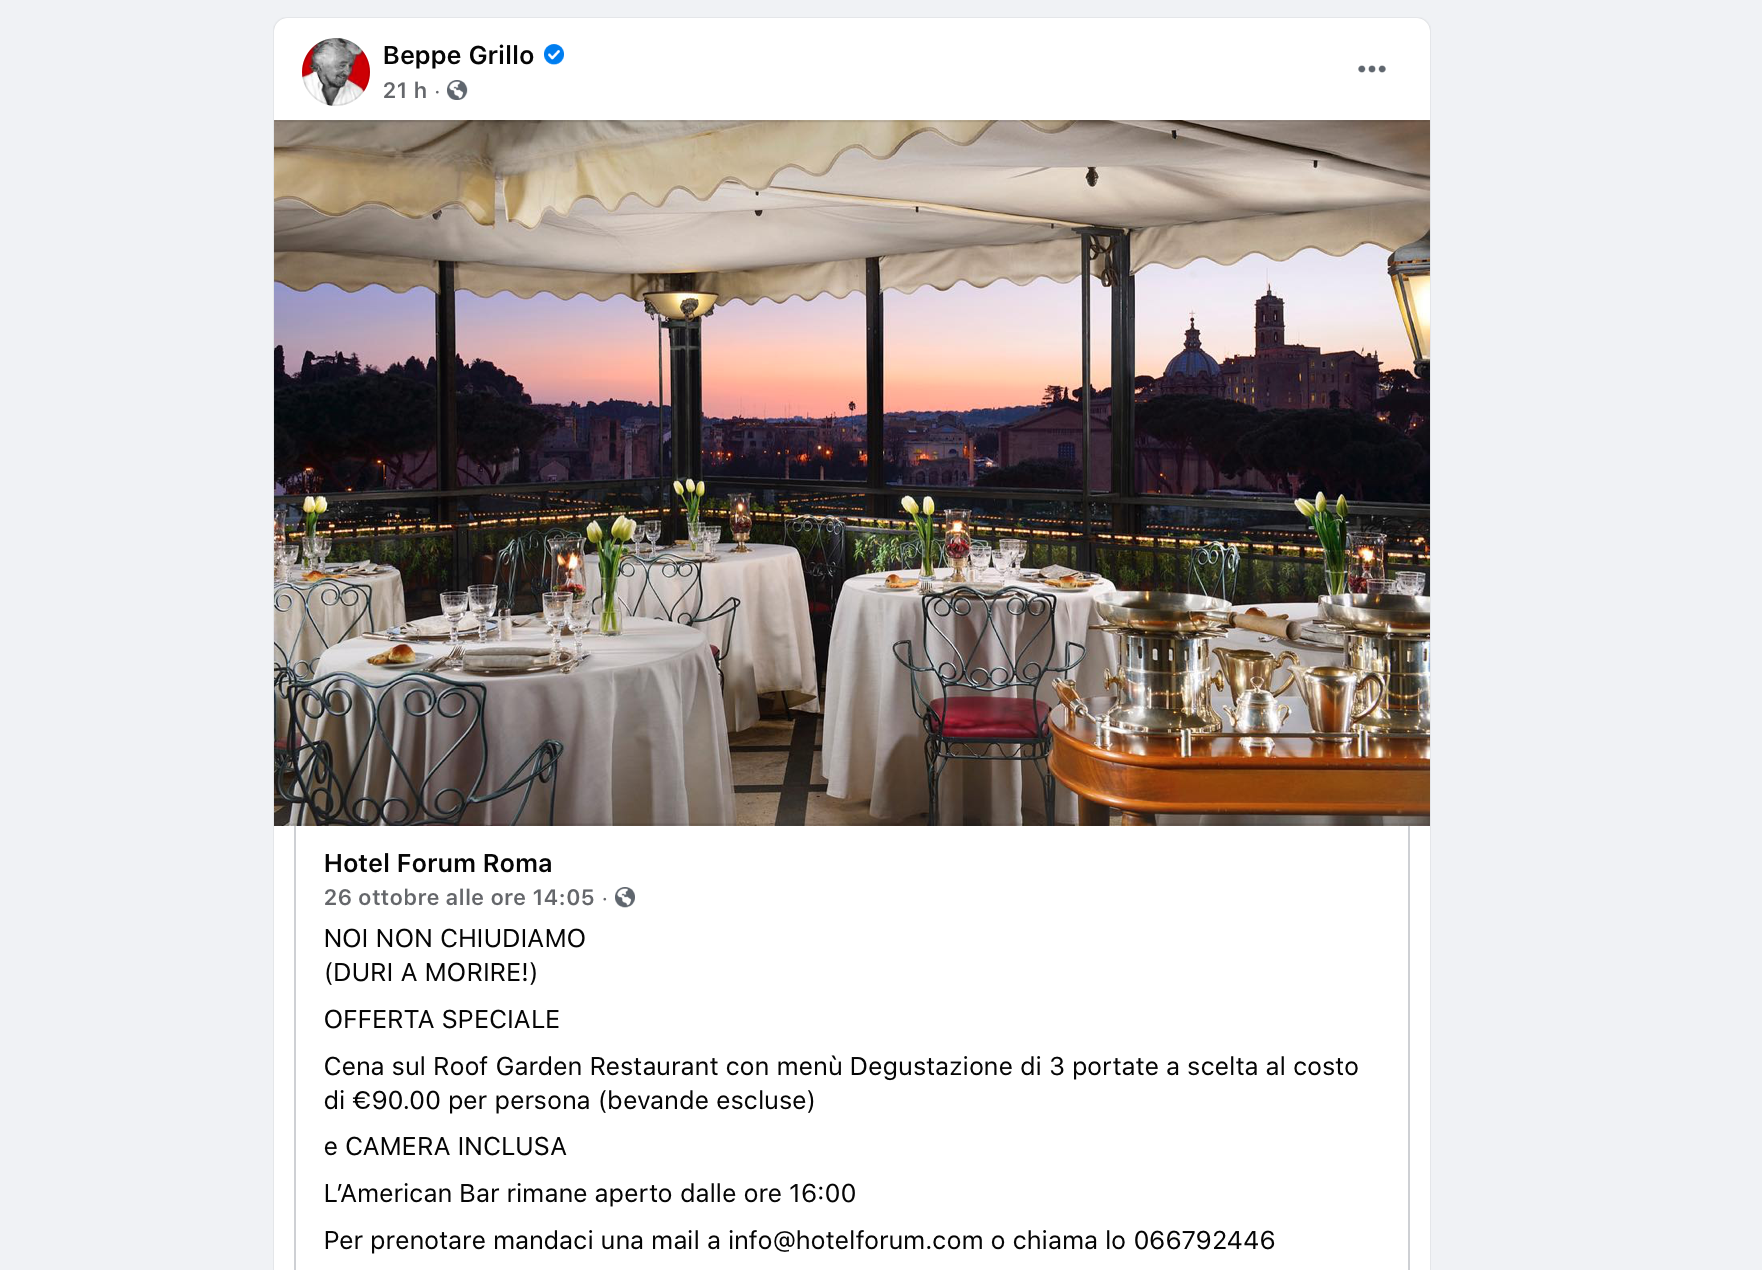 Beppe Grillo ha rilanciato un albergatore che ha trovato un cavillo per aggirare il Dpcm